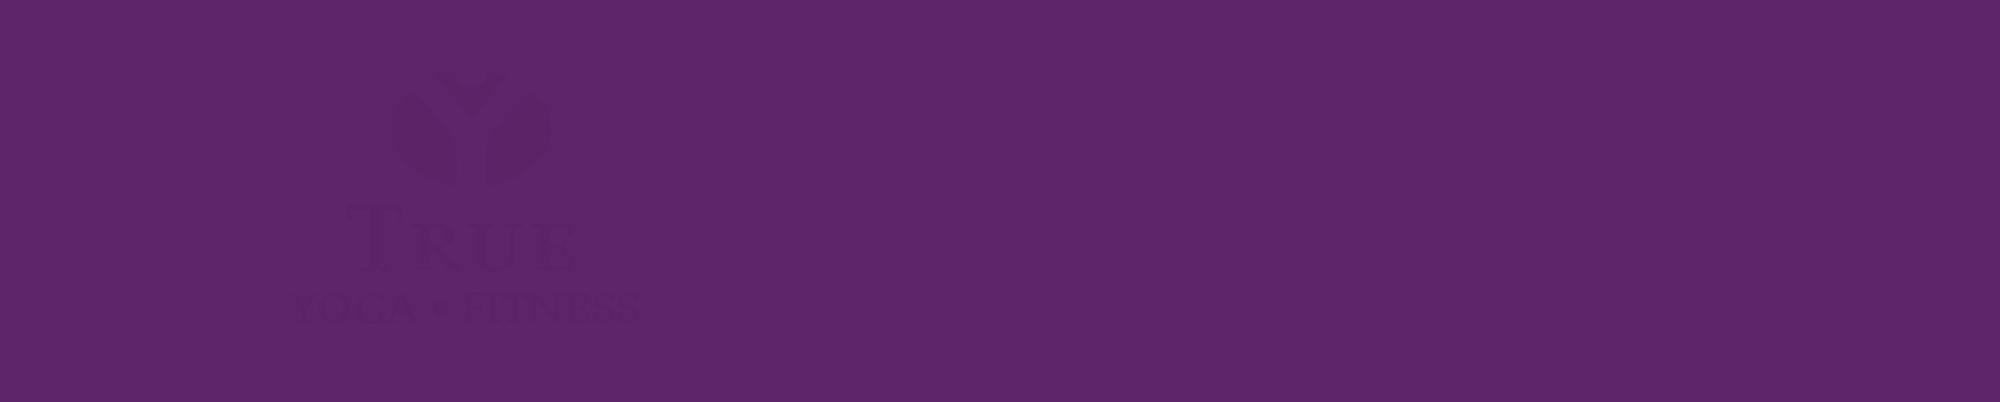 2017 2nd Quarter Newsletter Header Banner